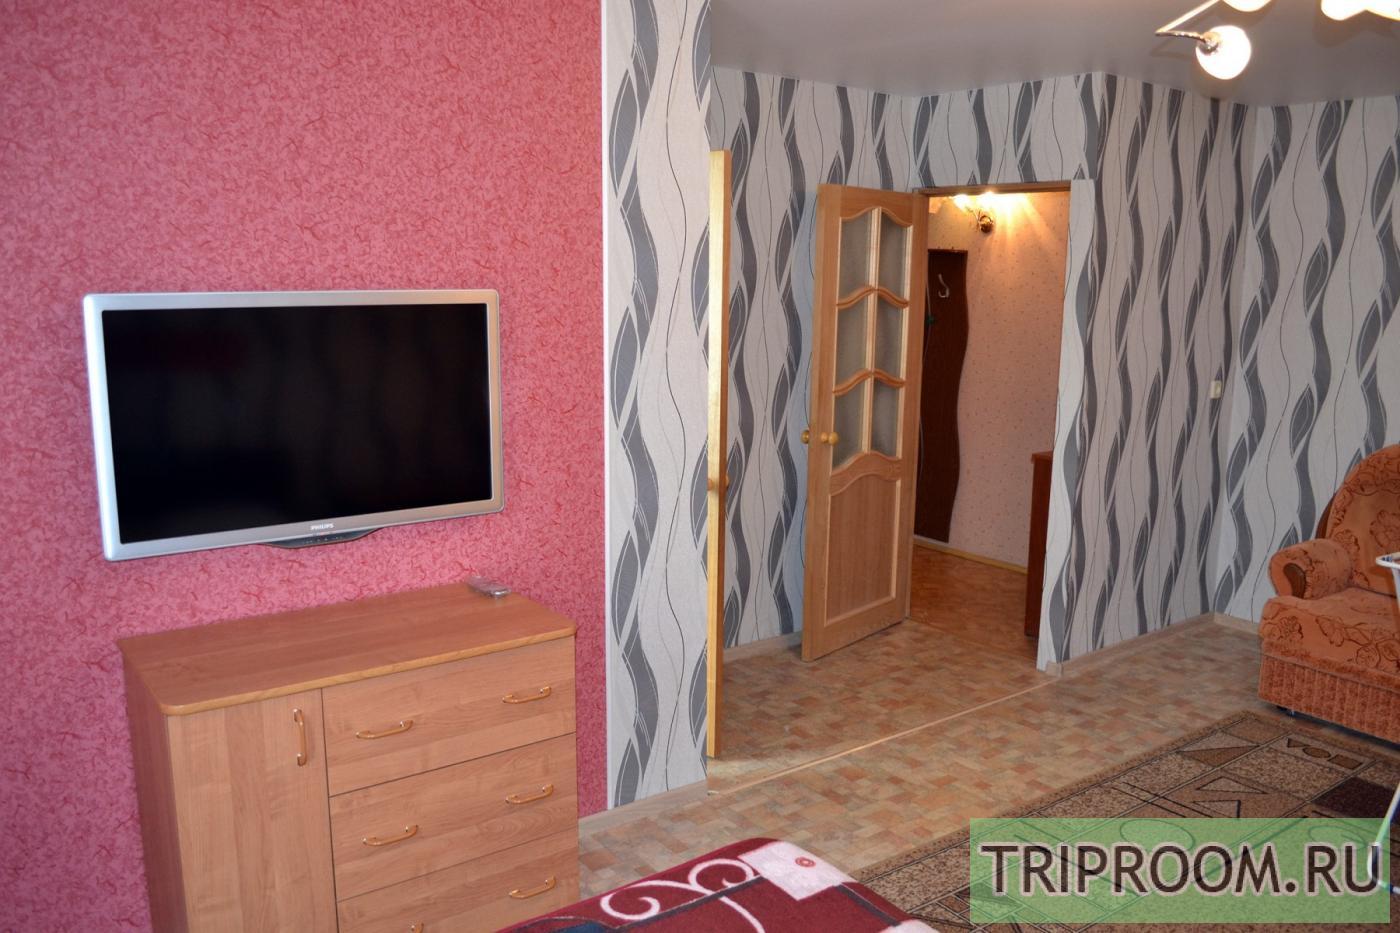 1-комнатная квартира посуточно (вариант № 7479), ул. Канатчиков проспект, фото № 12